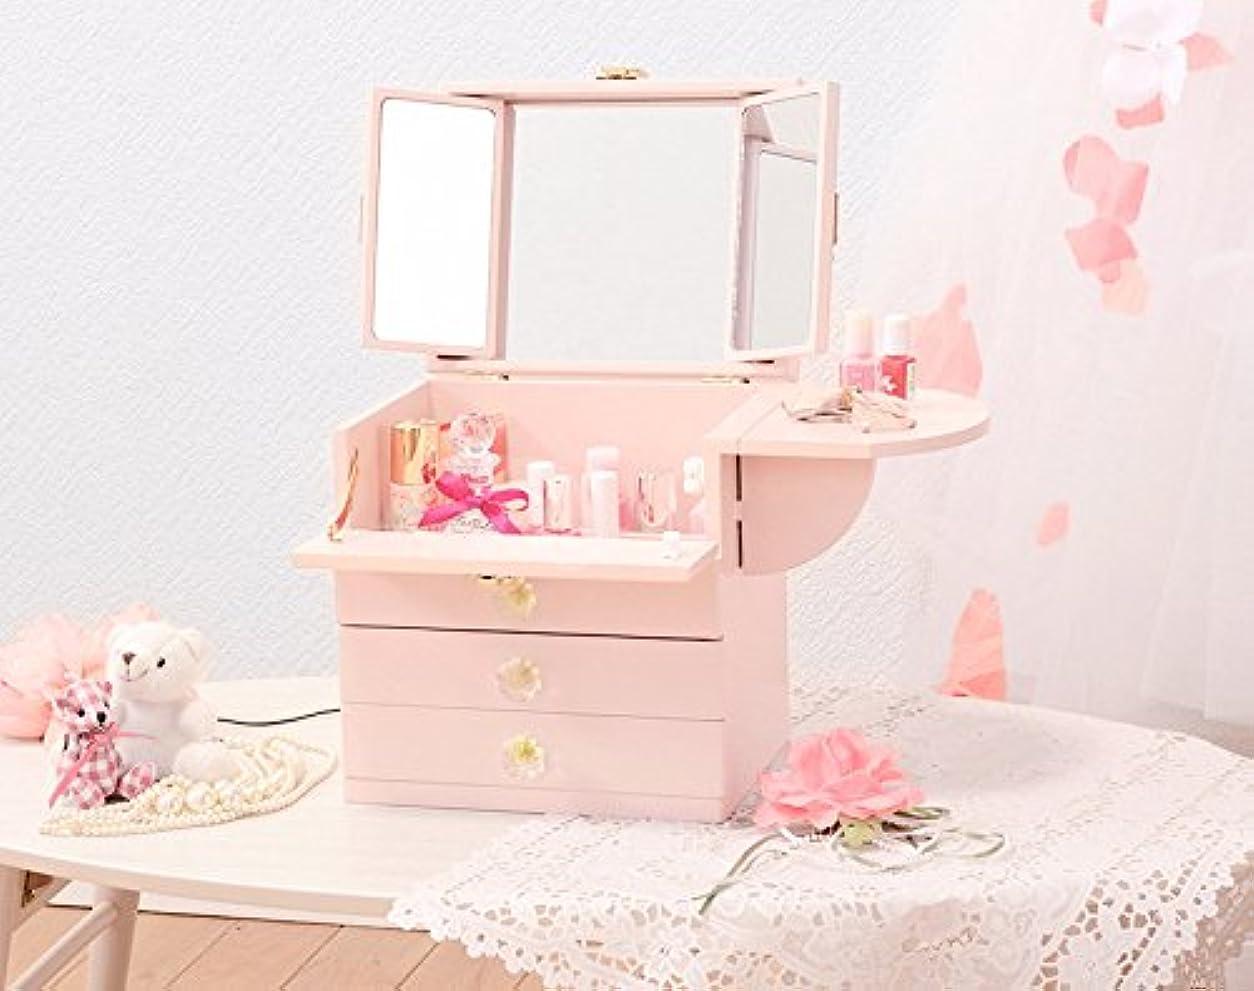 地域スプリット慈悲コスメボックス 化粧ボックス ジュエリーボックス コスメ収納 収納ボックス 化粧台 3面鏡 完成品 折りたたみ式 軽量 ピンク